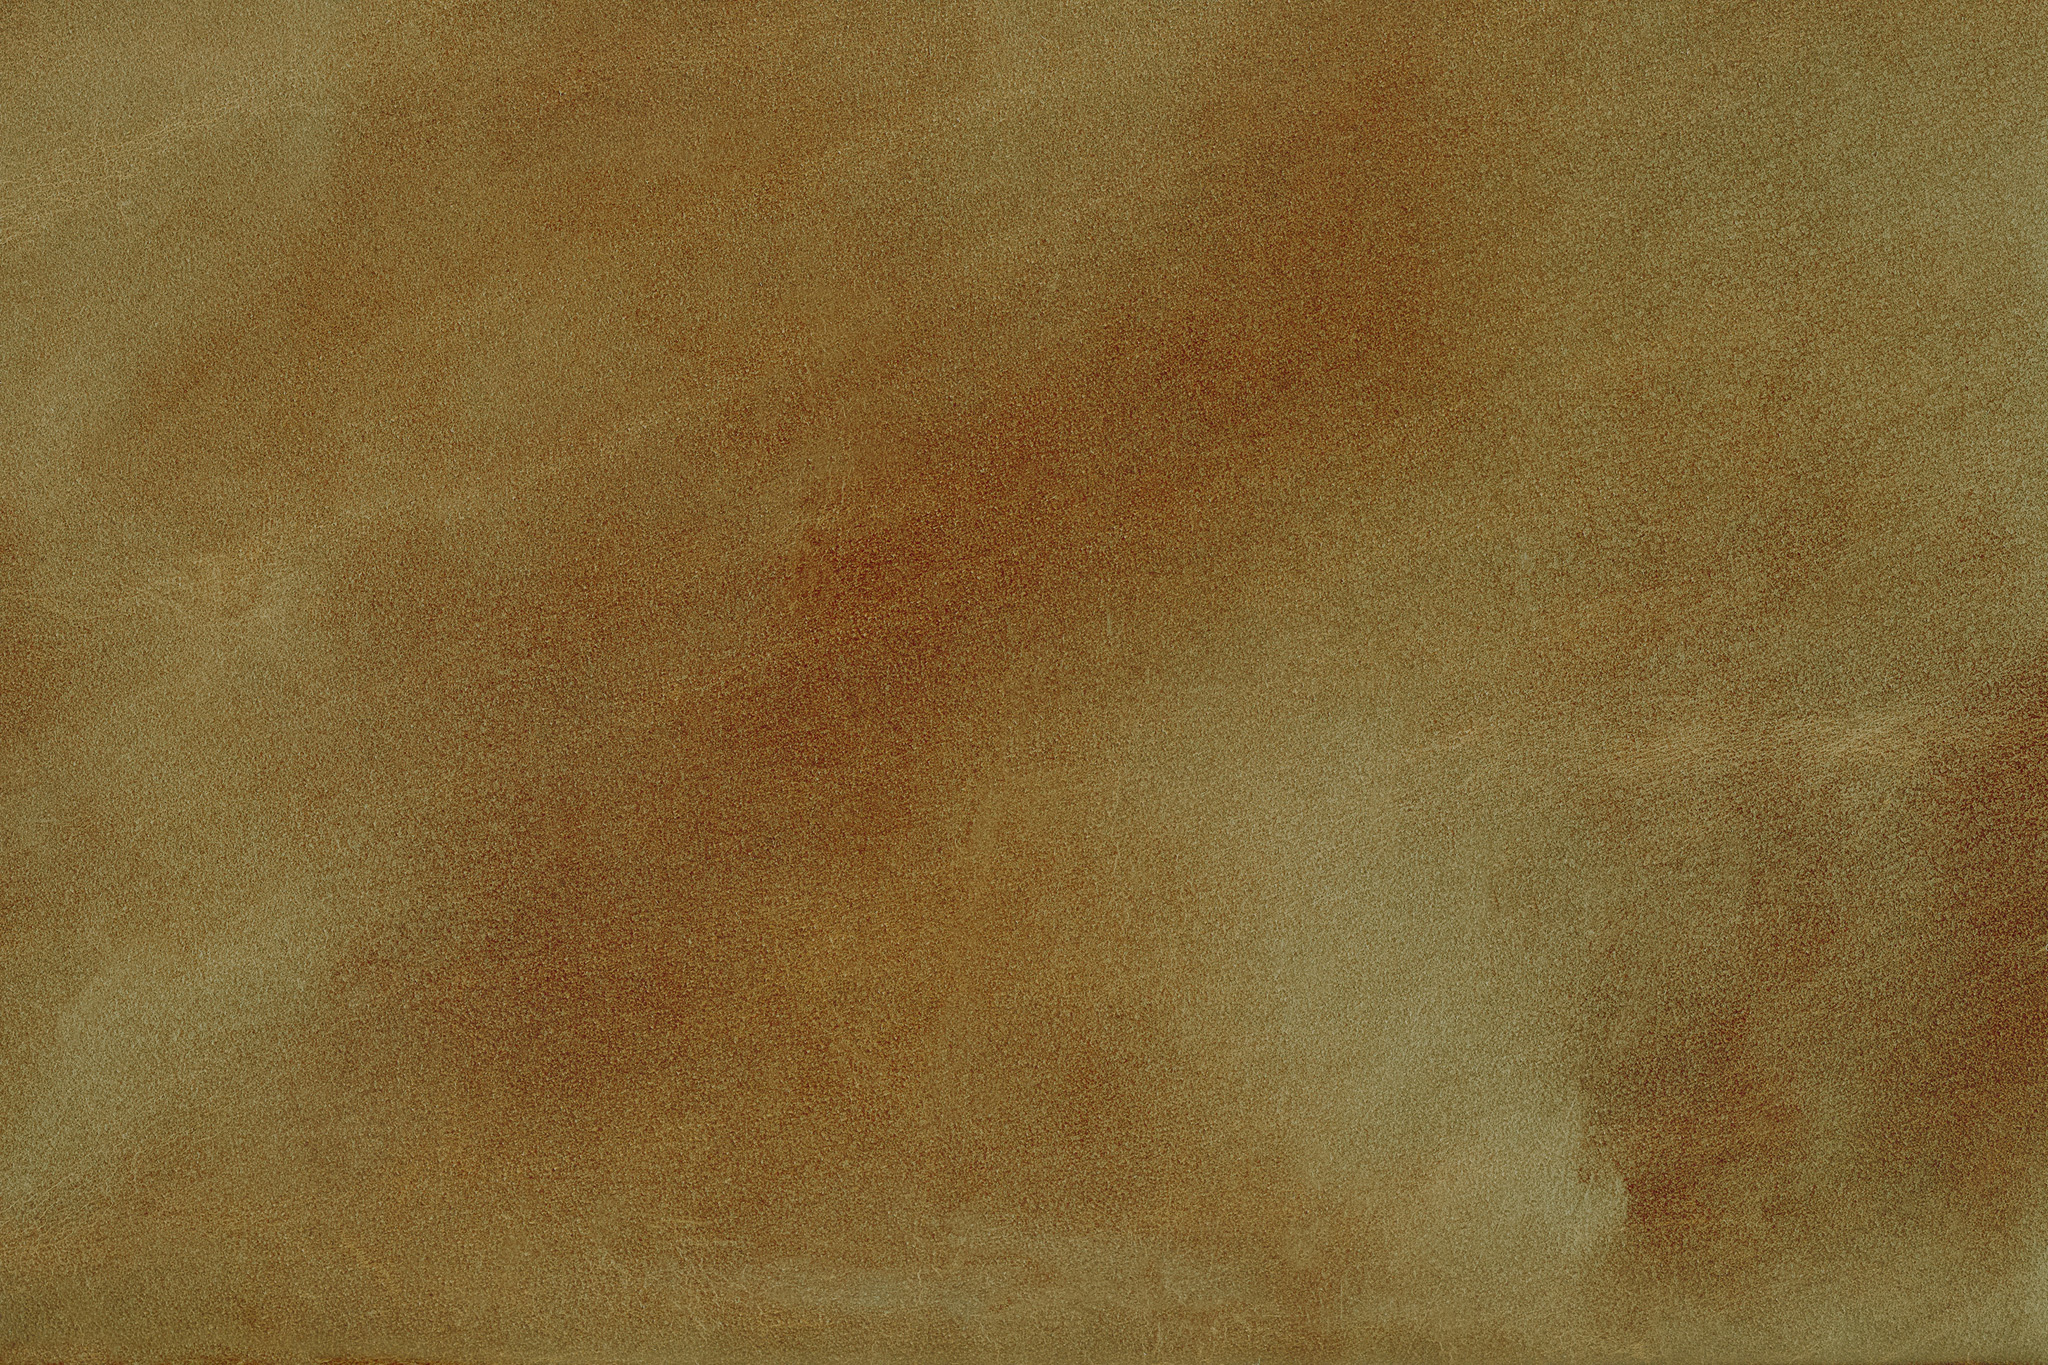 乾燥した薄茶色の牛皮